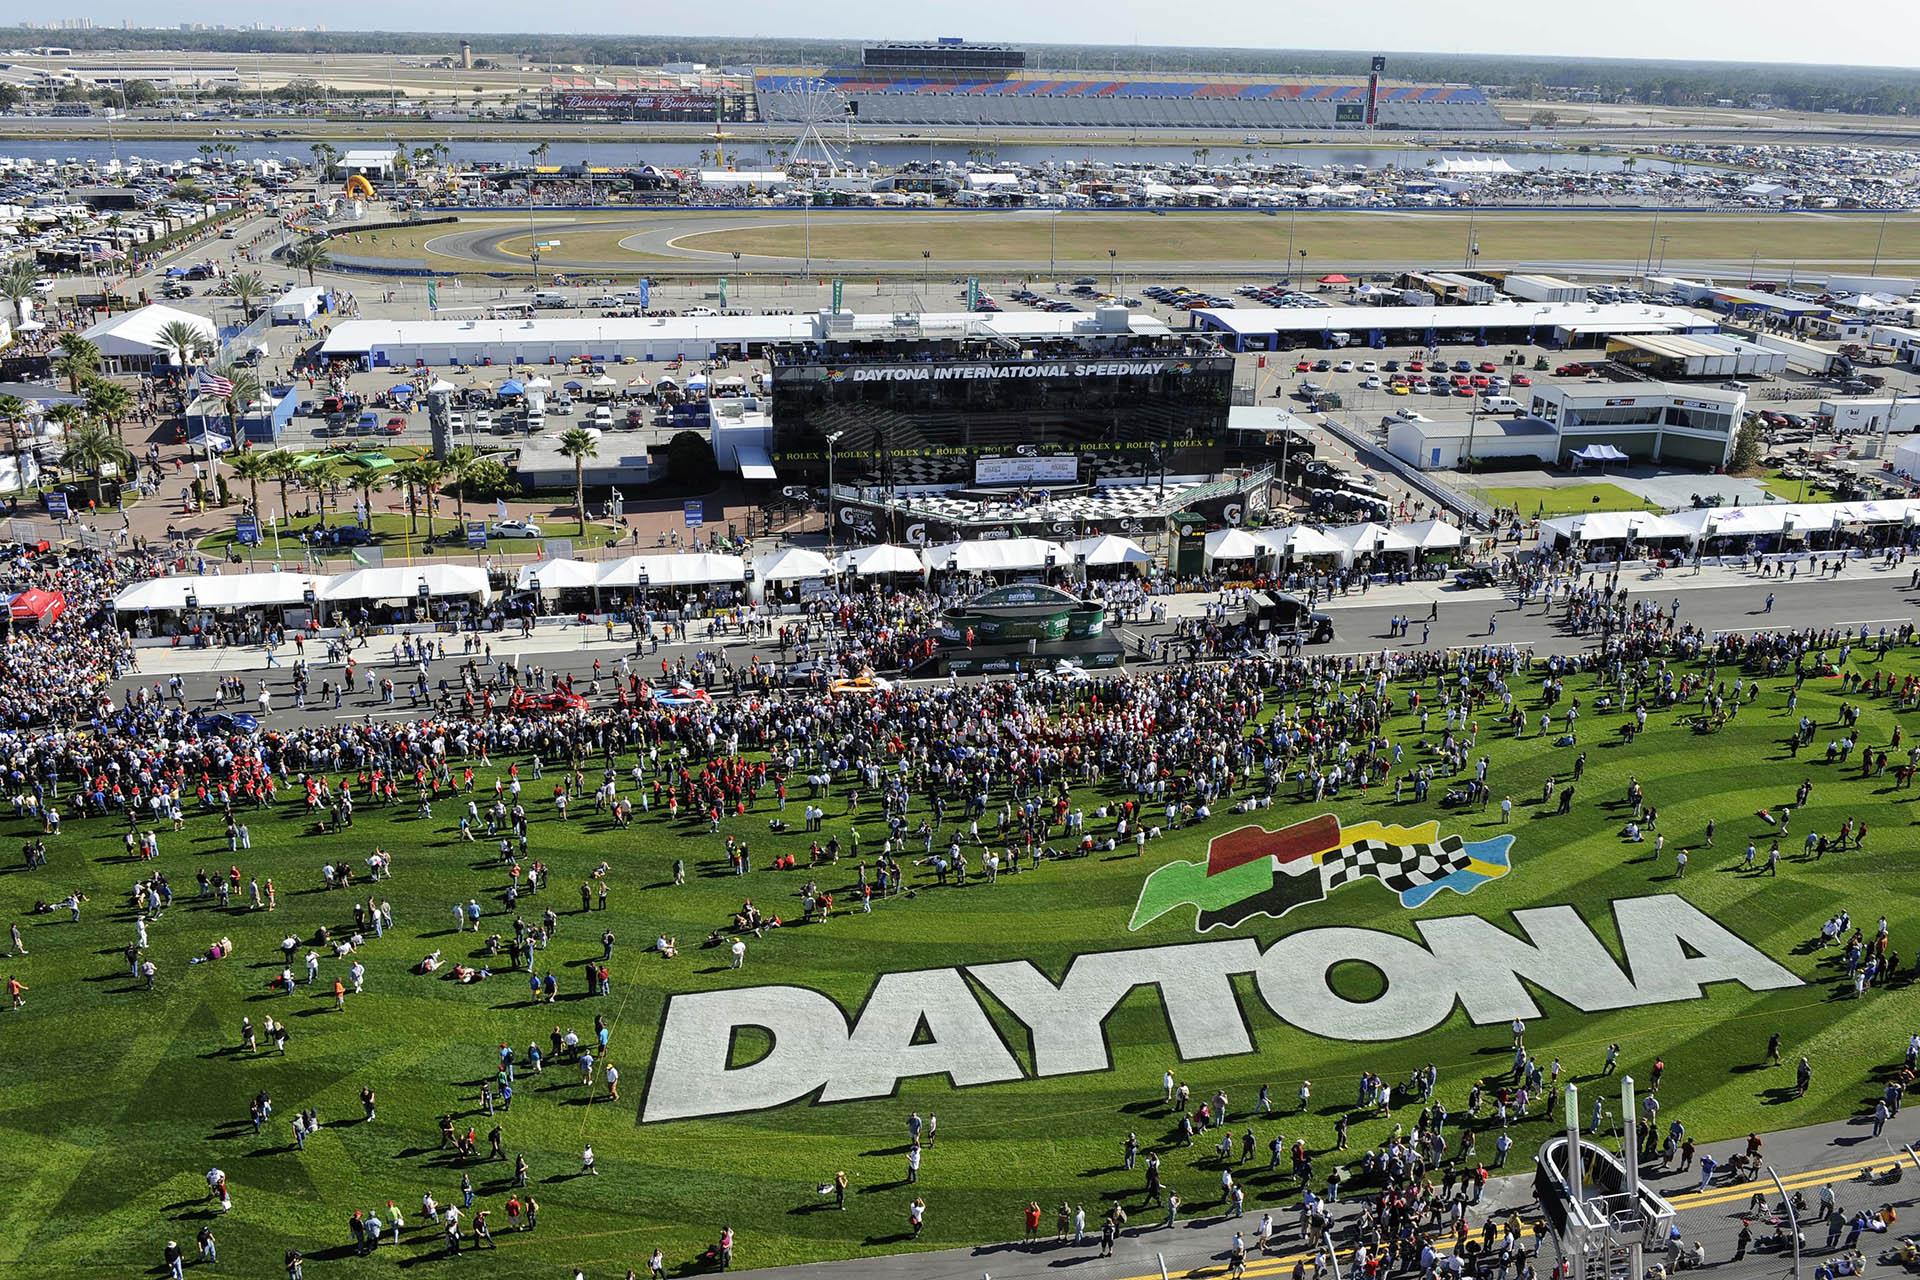 Rolex ist offizieller Zeitnehmer der drei großen Langstreckenevents: Le Mans, Sebring und Daytona.